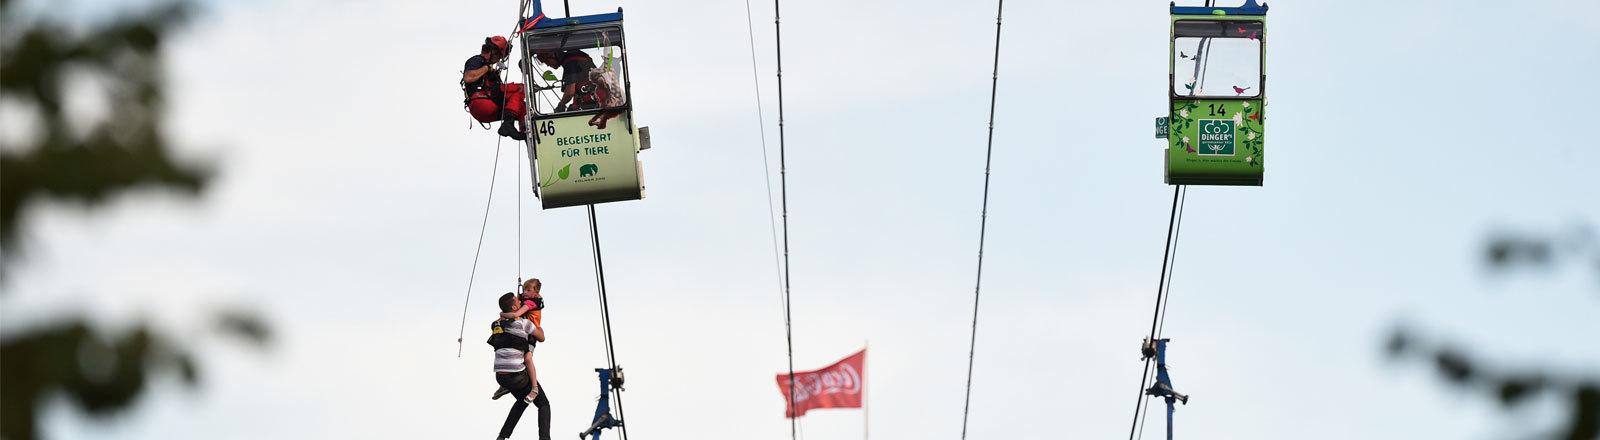 Höhenretter der Feuerwehr befreien am 30.07.2017 in Köln (Nordrhein-Westfalen) Fahrgäste aus den Gondeln.